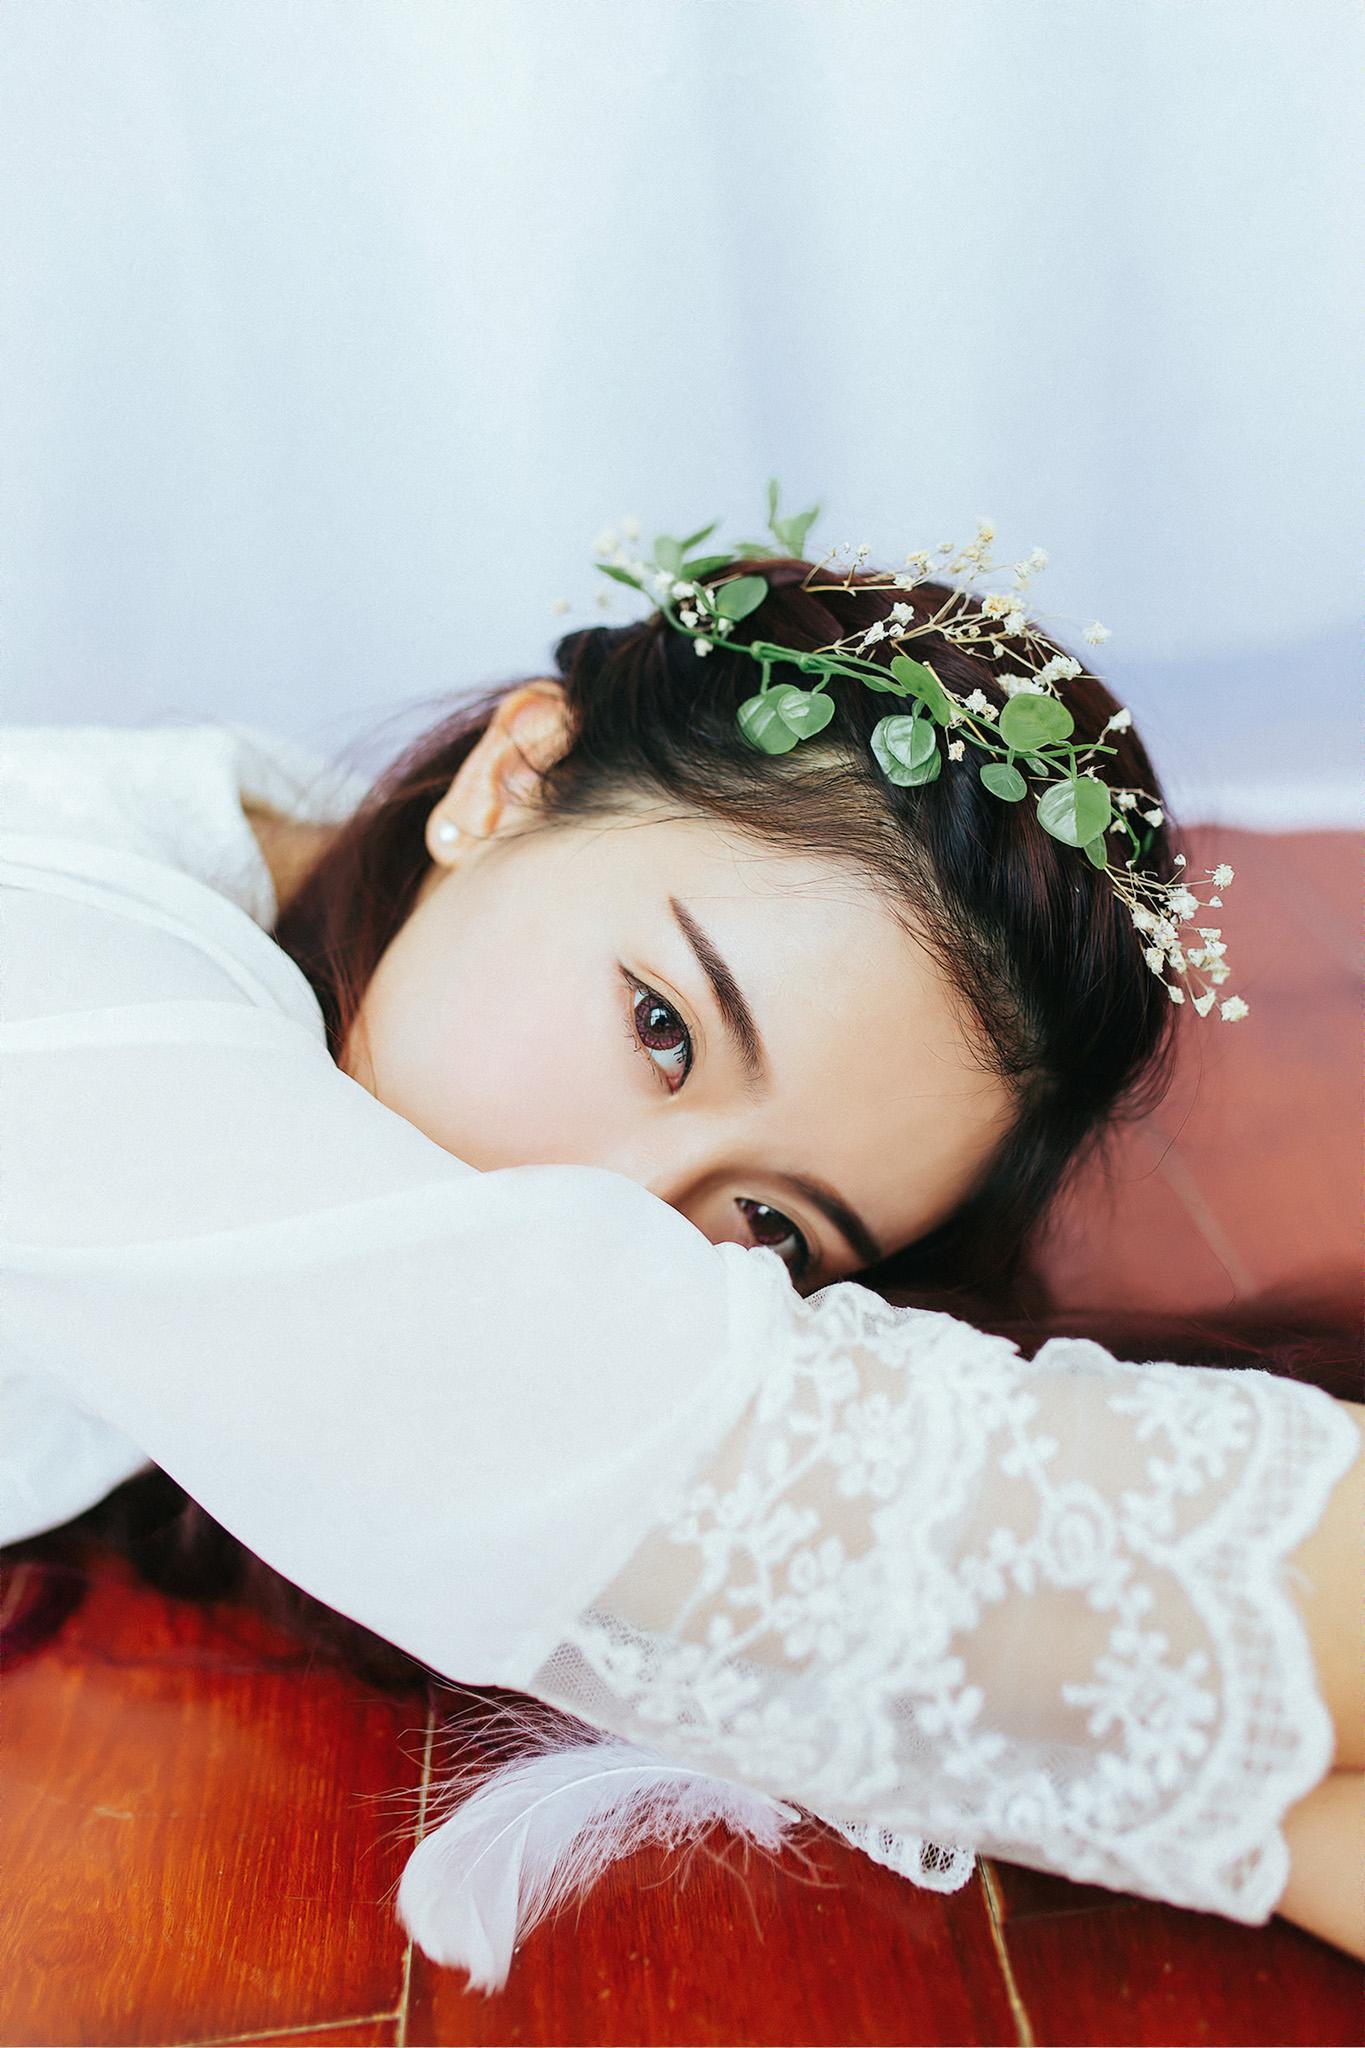 以文字的温婉,墨守纤尘【情感美文】 - 花仙子 - 花仙子的博客